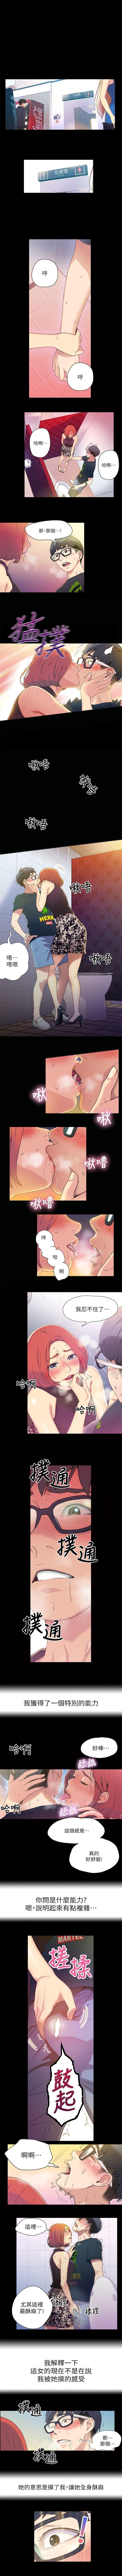 (週7)超導體魯蛇(超級吸引力) 1-22 中文翻譯(更新中) 1